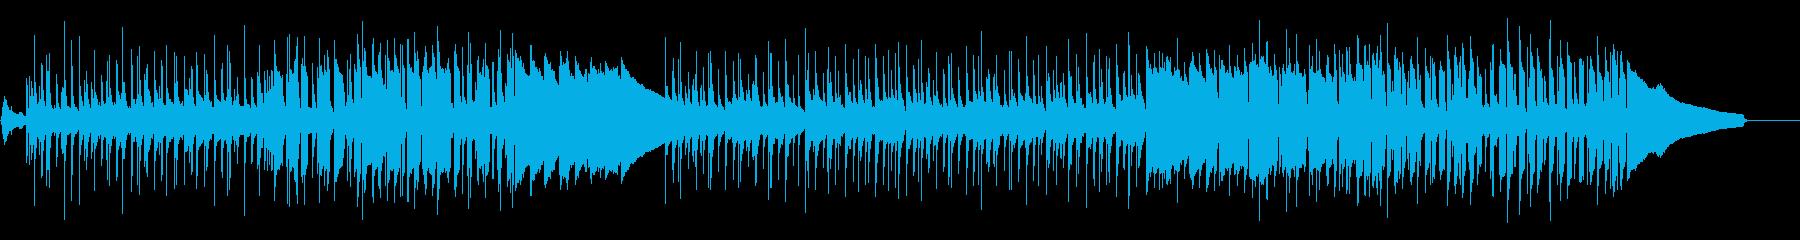 ★マリンバとピアノのほのぼの日常POPの再生済みの波形